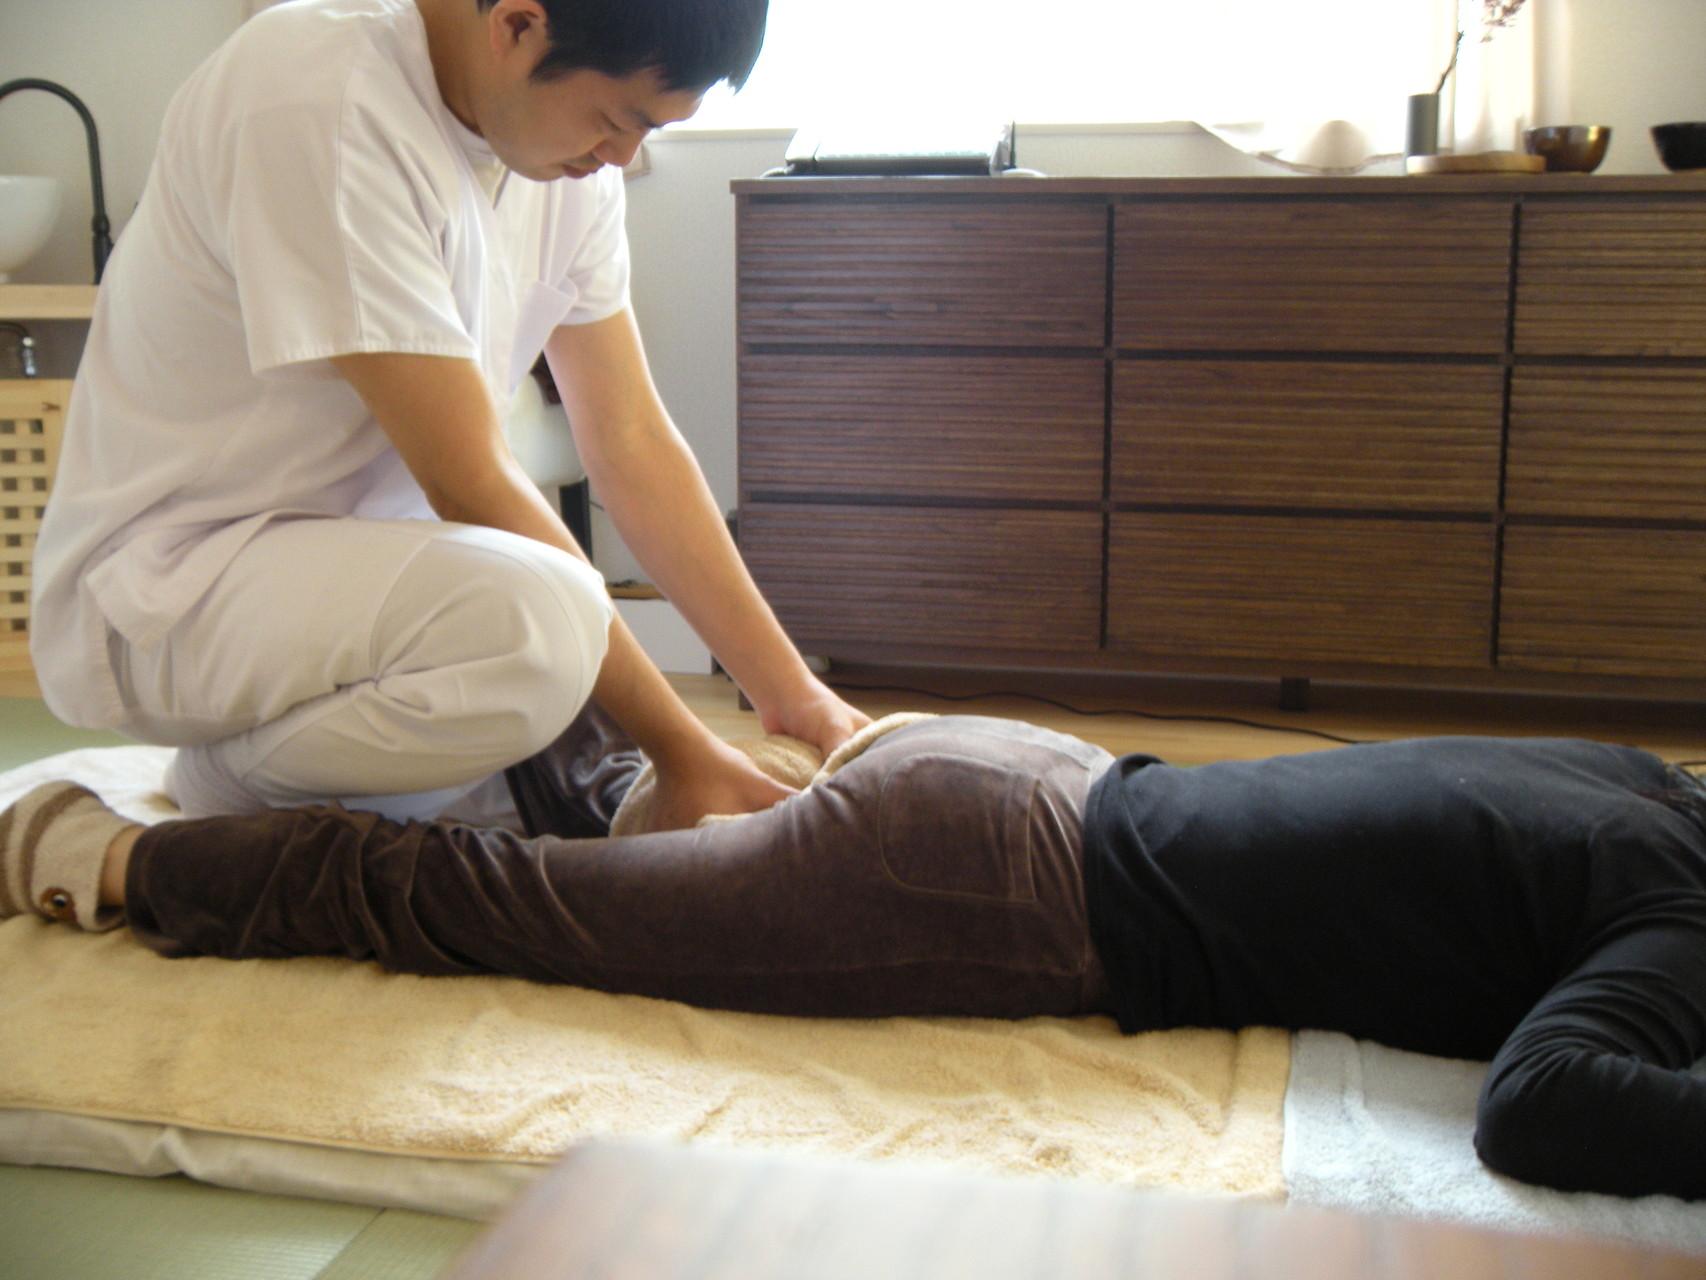 新日本延命学療法風景|ふともも裏の硬結を取り除いているところ